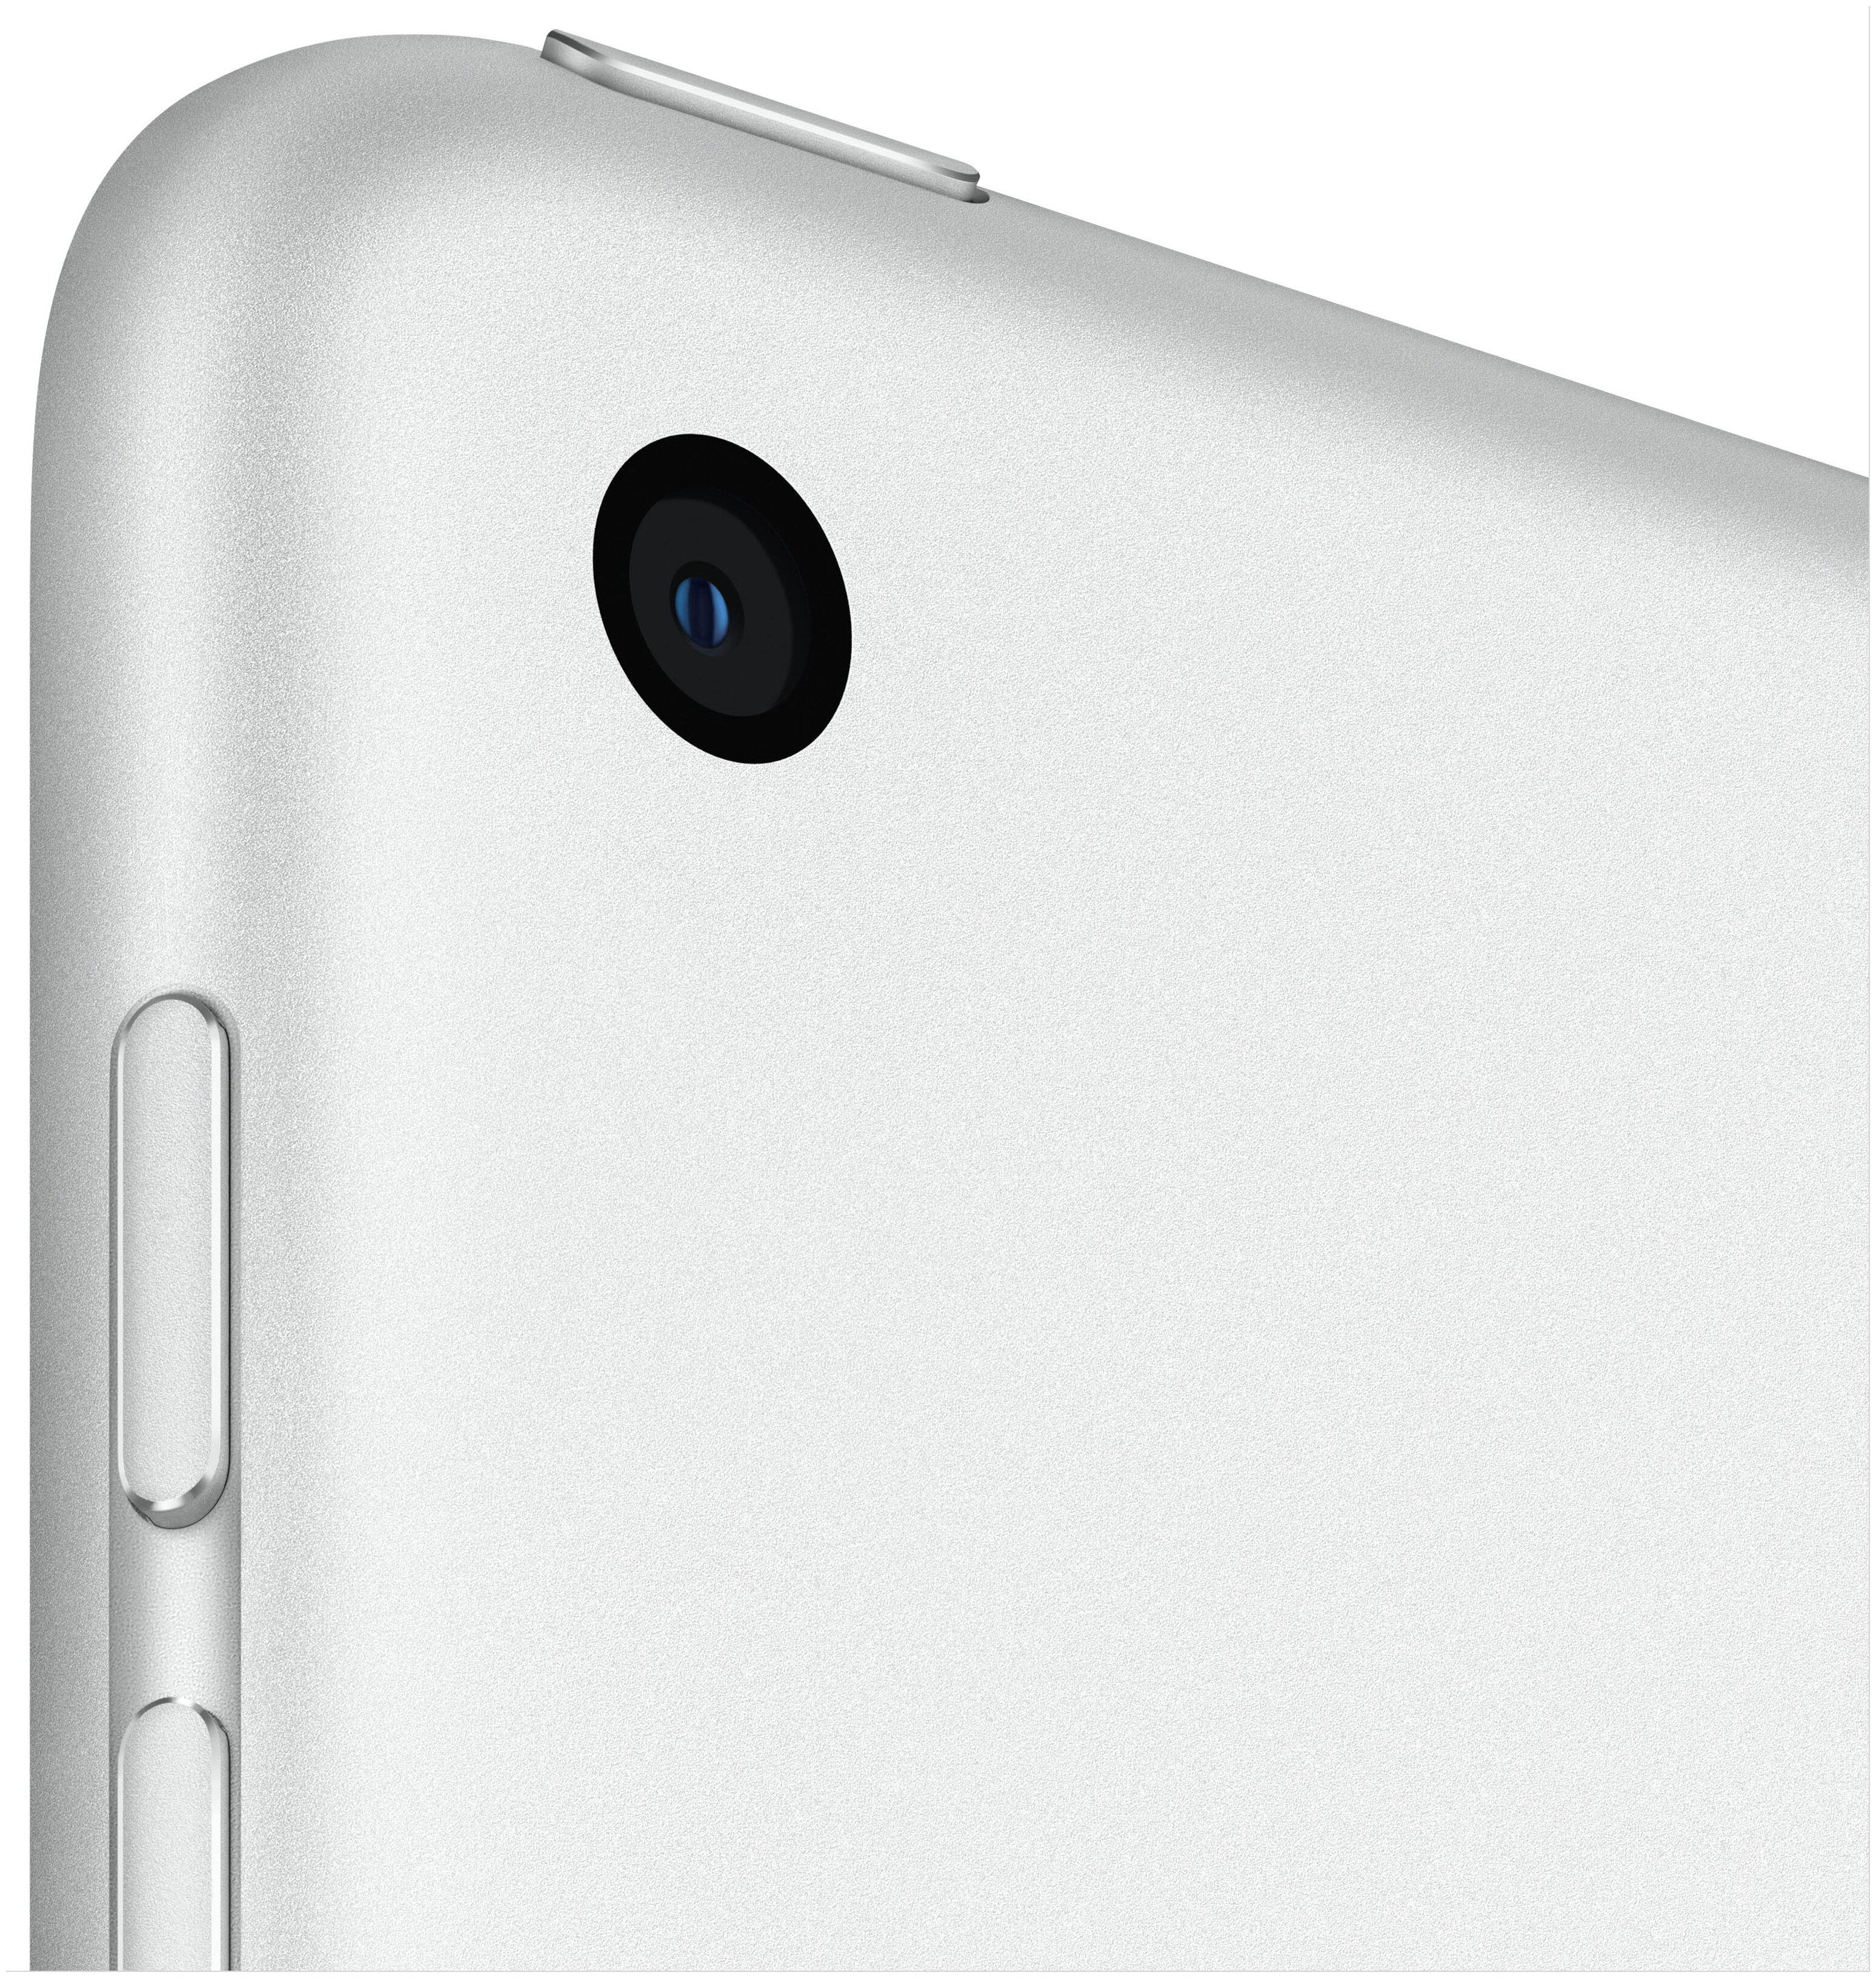 Apple iPad (2020) 128Gb Wi-Fi - беспроводные интерфейсы: WiFi 802.11ac, Bluetooth 4.2